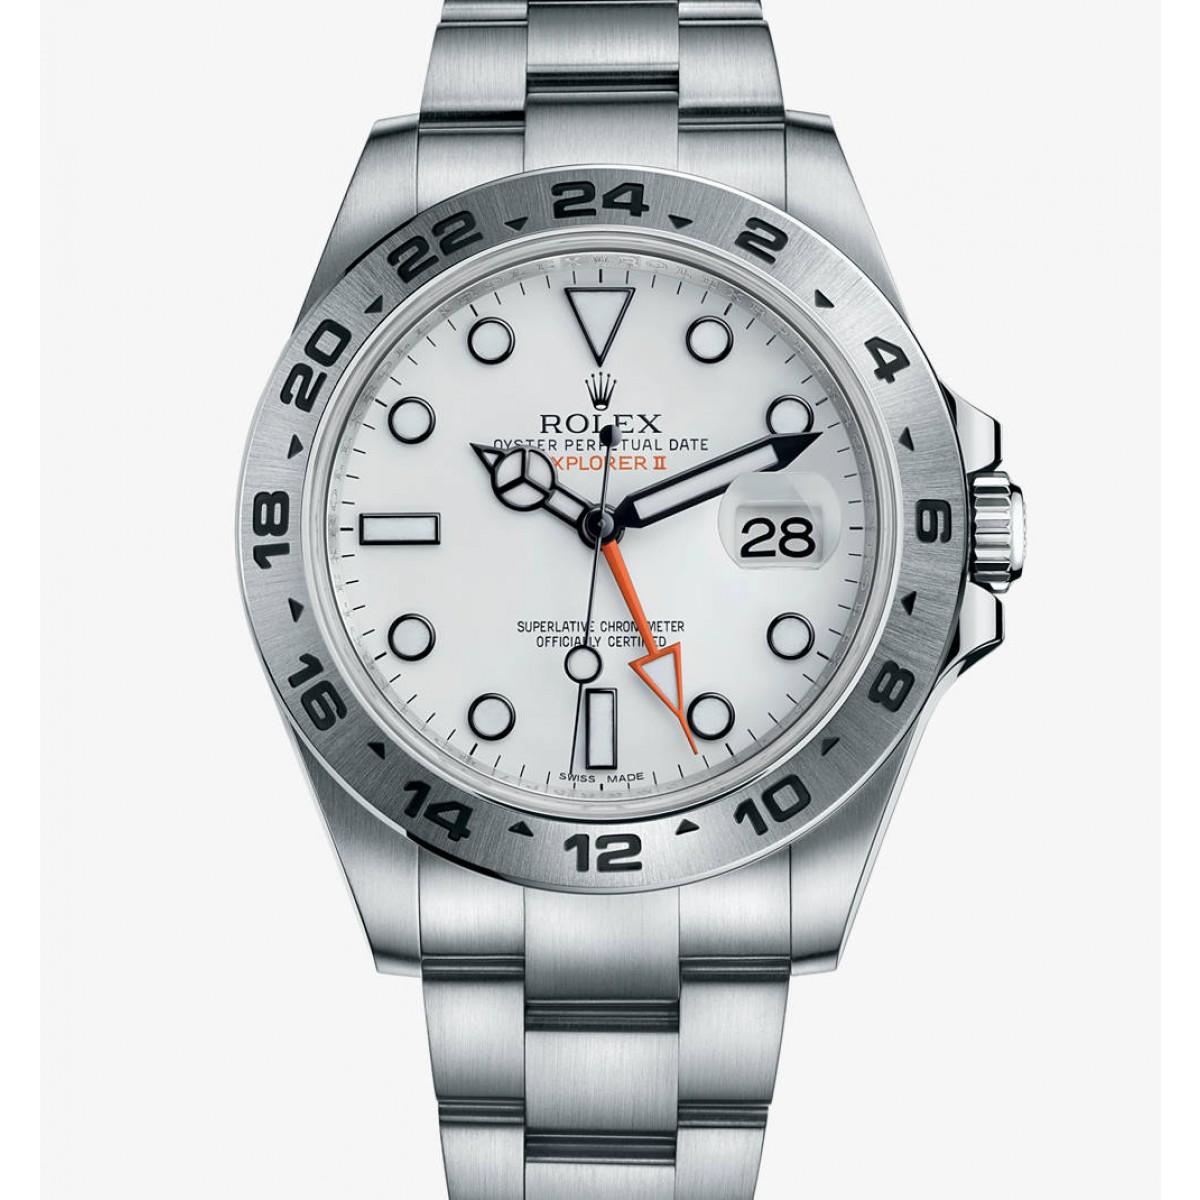 96b442e69cc Relógio Réplica Rolex Explorer ll Orange